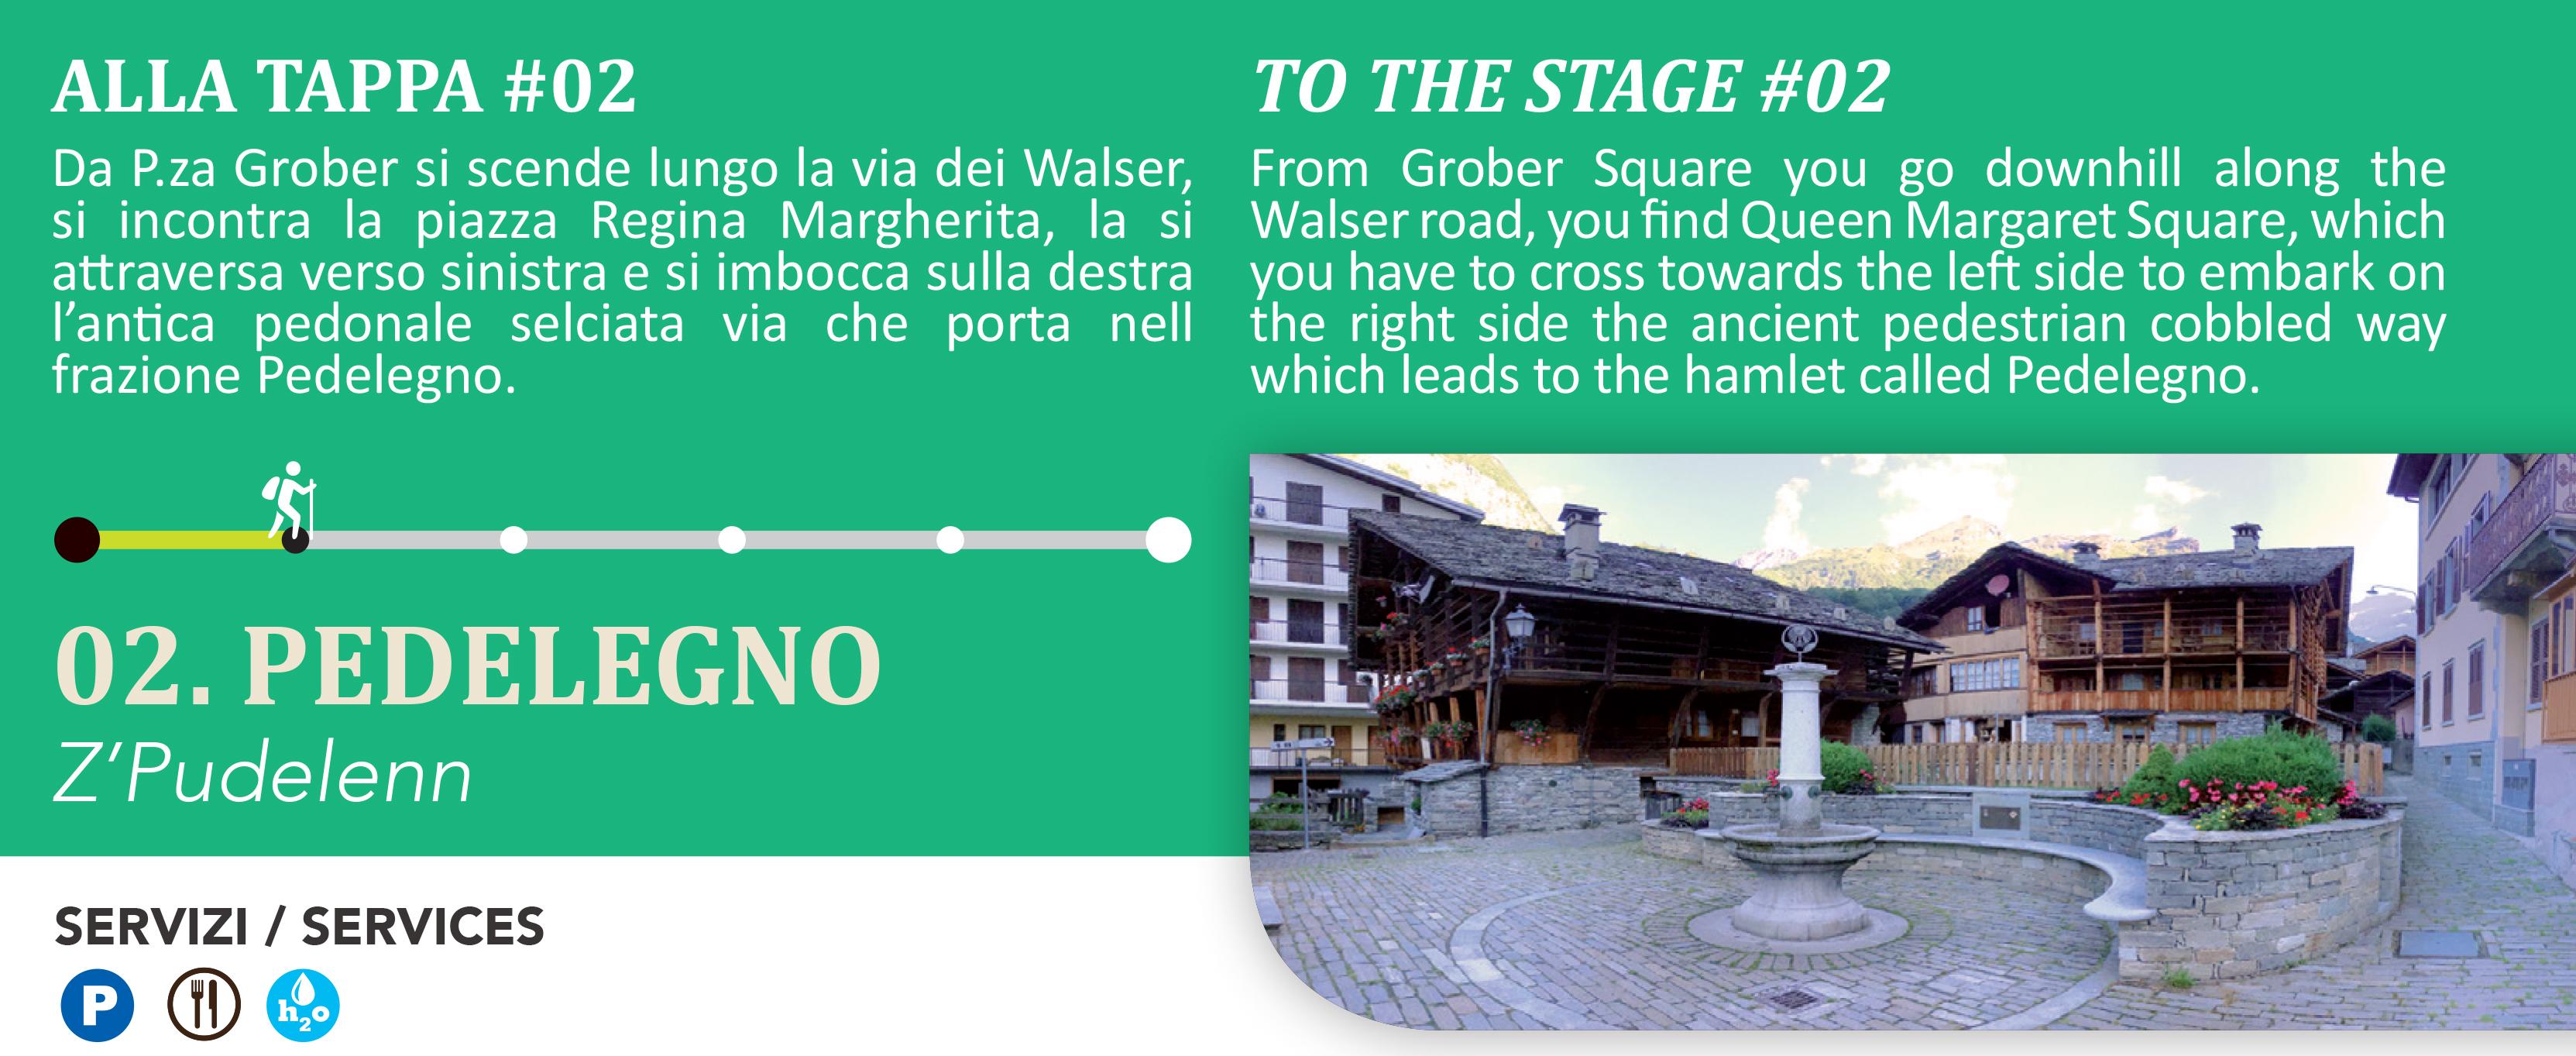 Pedelegno frazione del centro di Alagna Valsesia